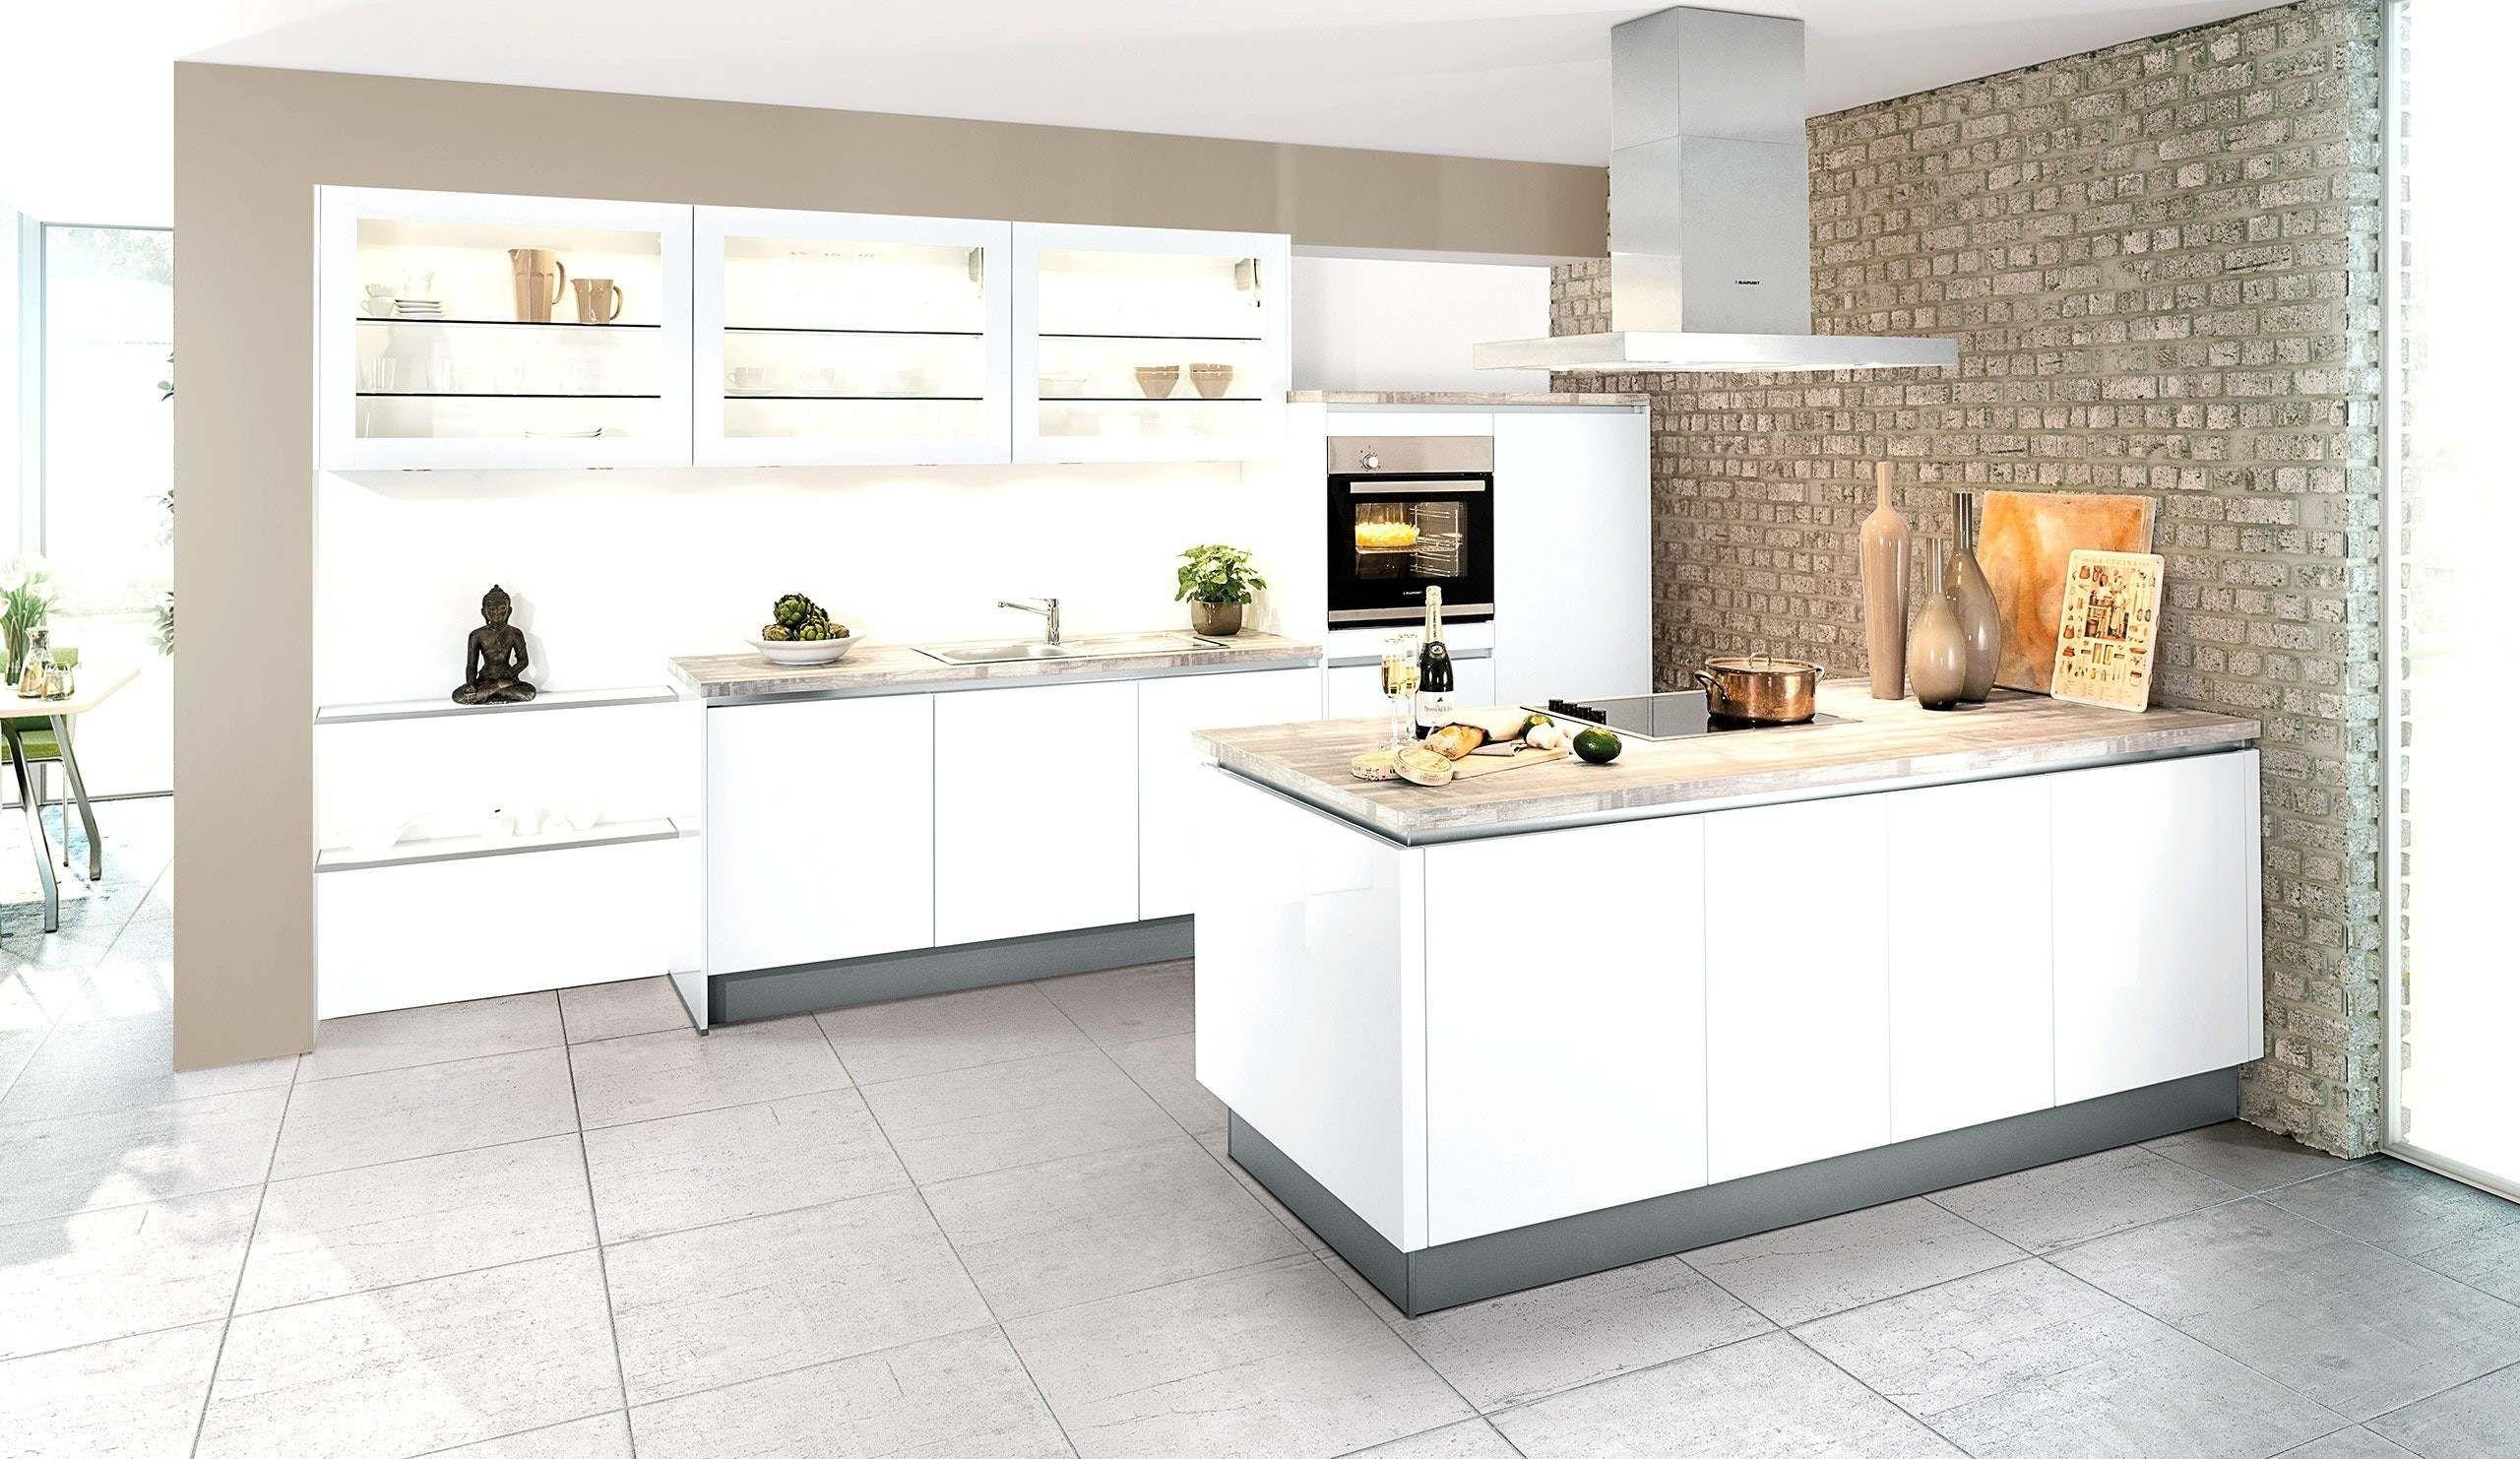 Full Size of Küchen Roller 39 Inspirierend Kchen Werbung Kitchen Regale Regal Wohnzimmer Küchen Roller